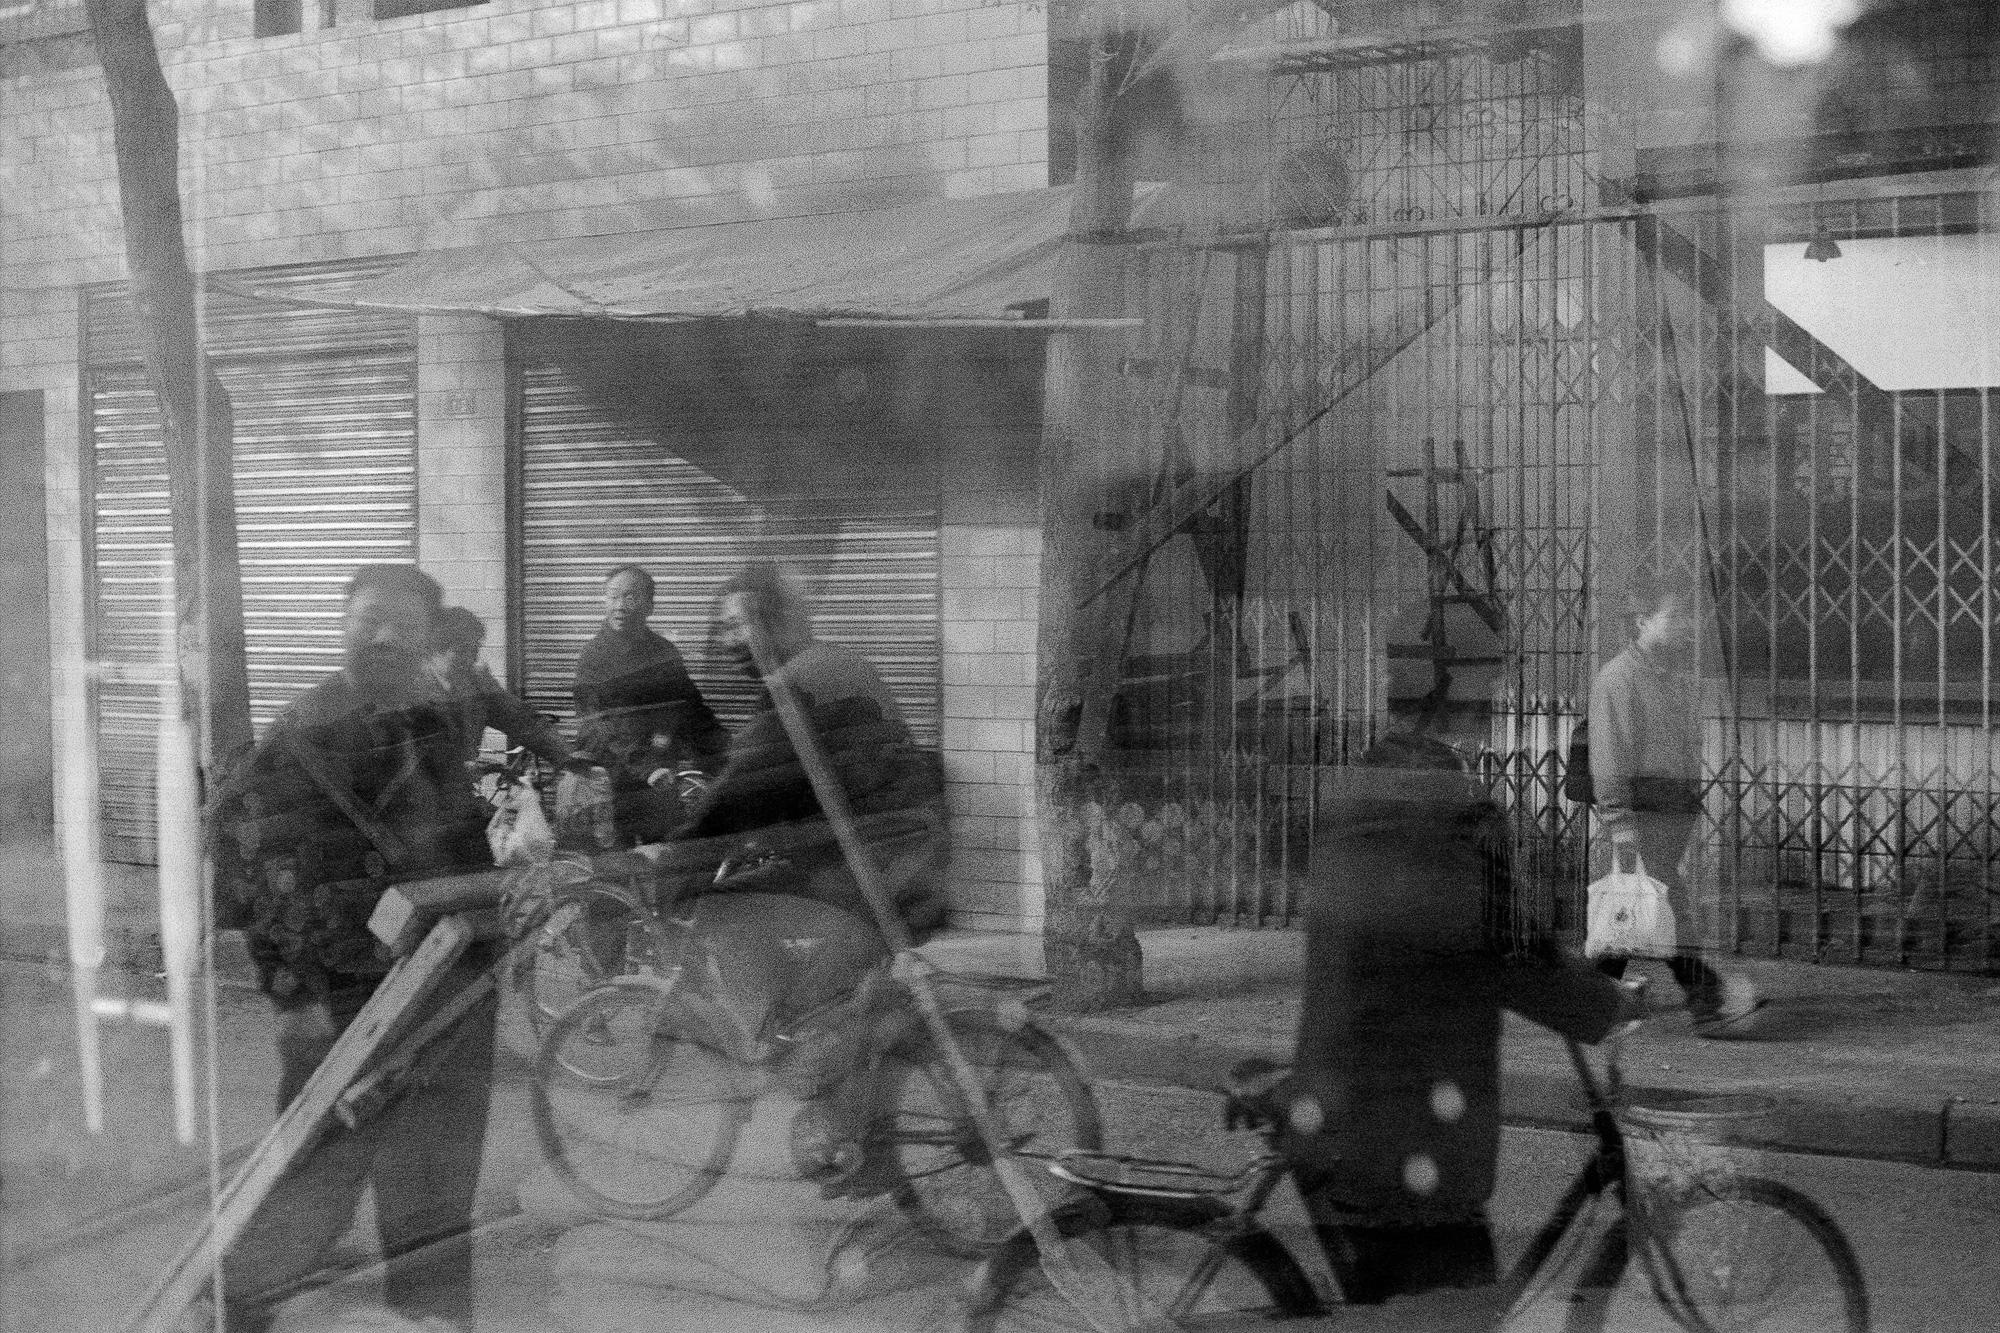 china_bike_12x8_04.jpg